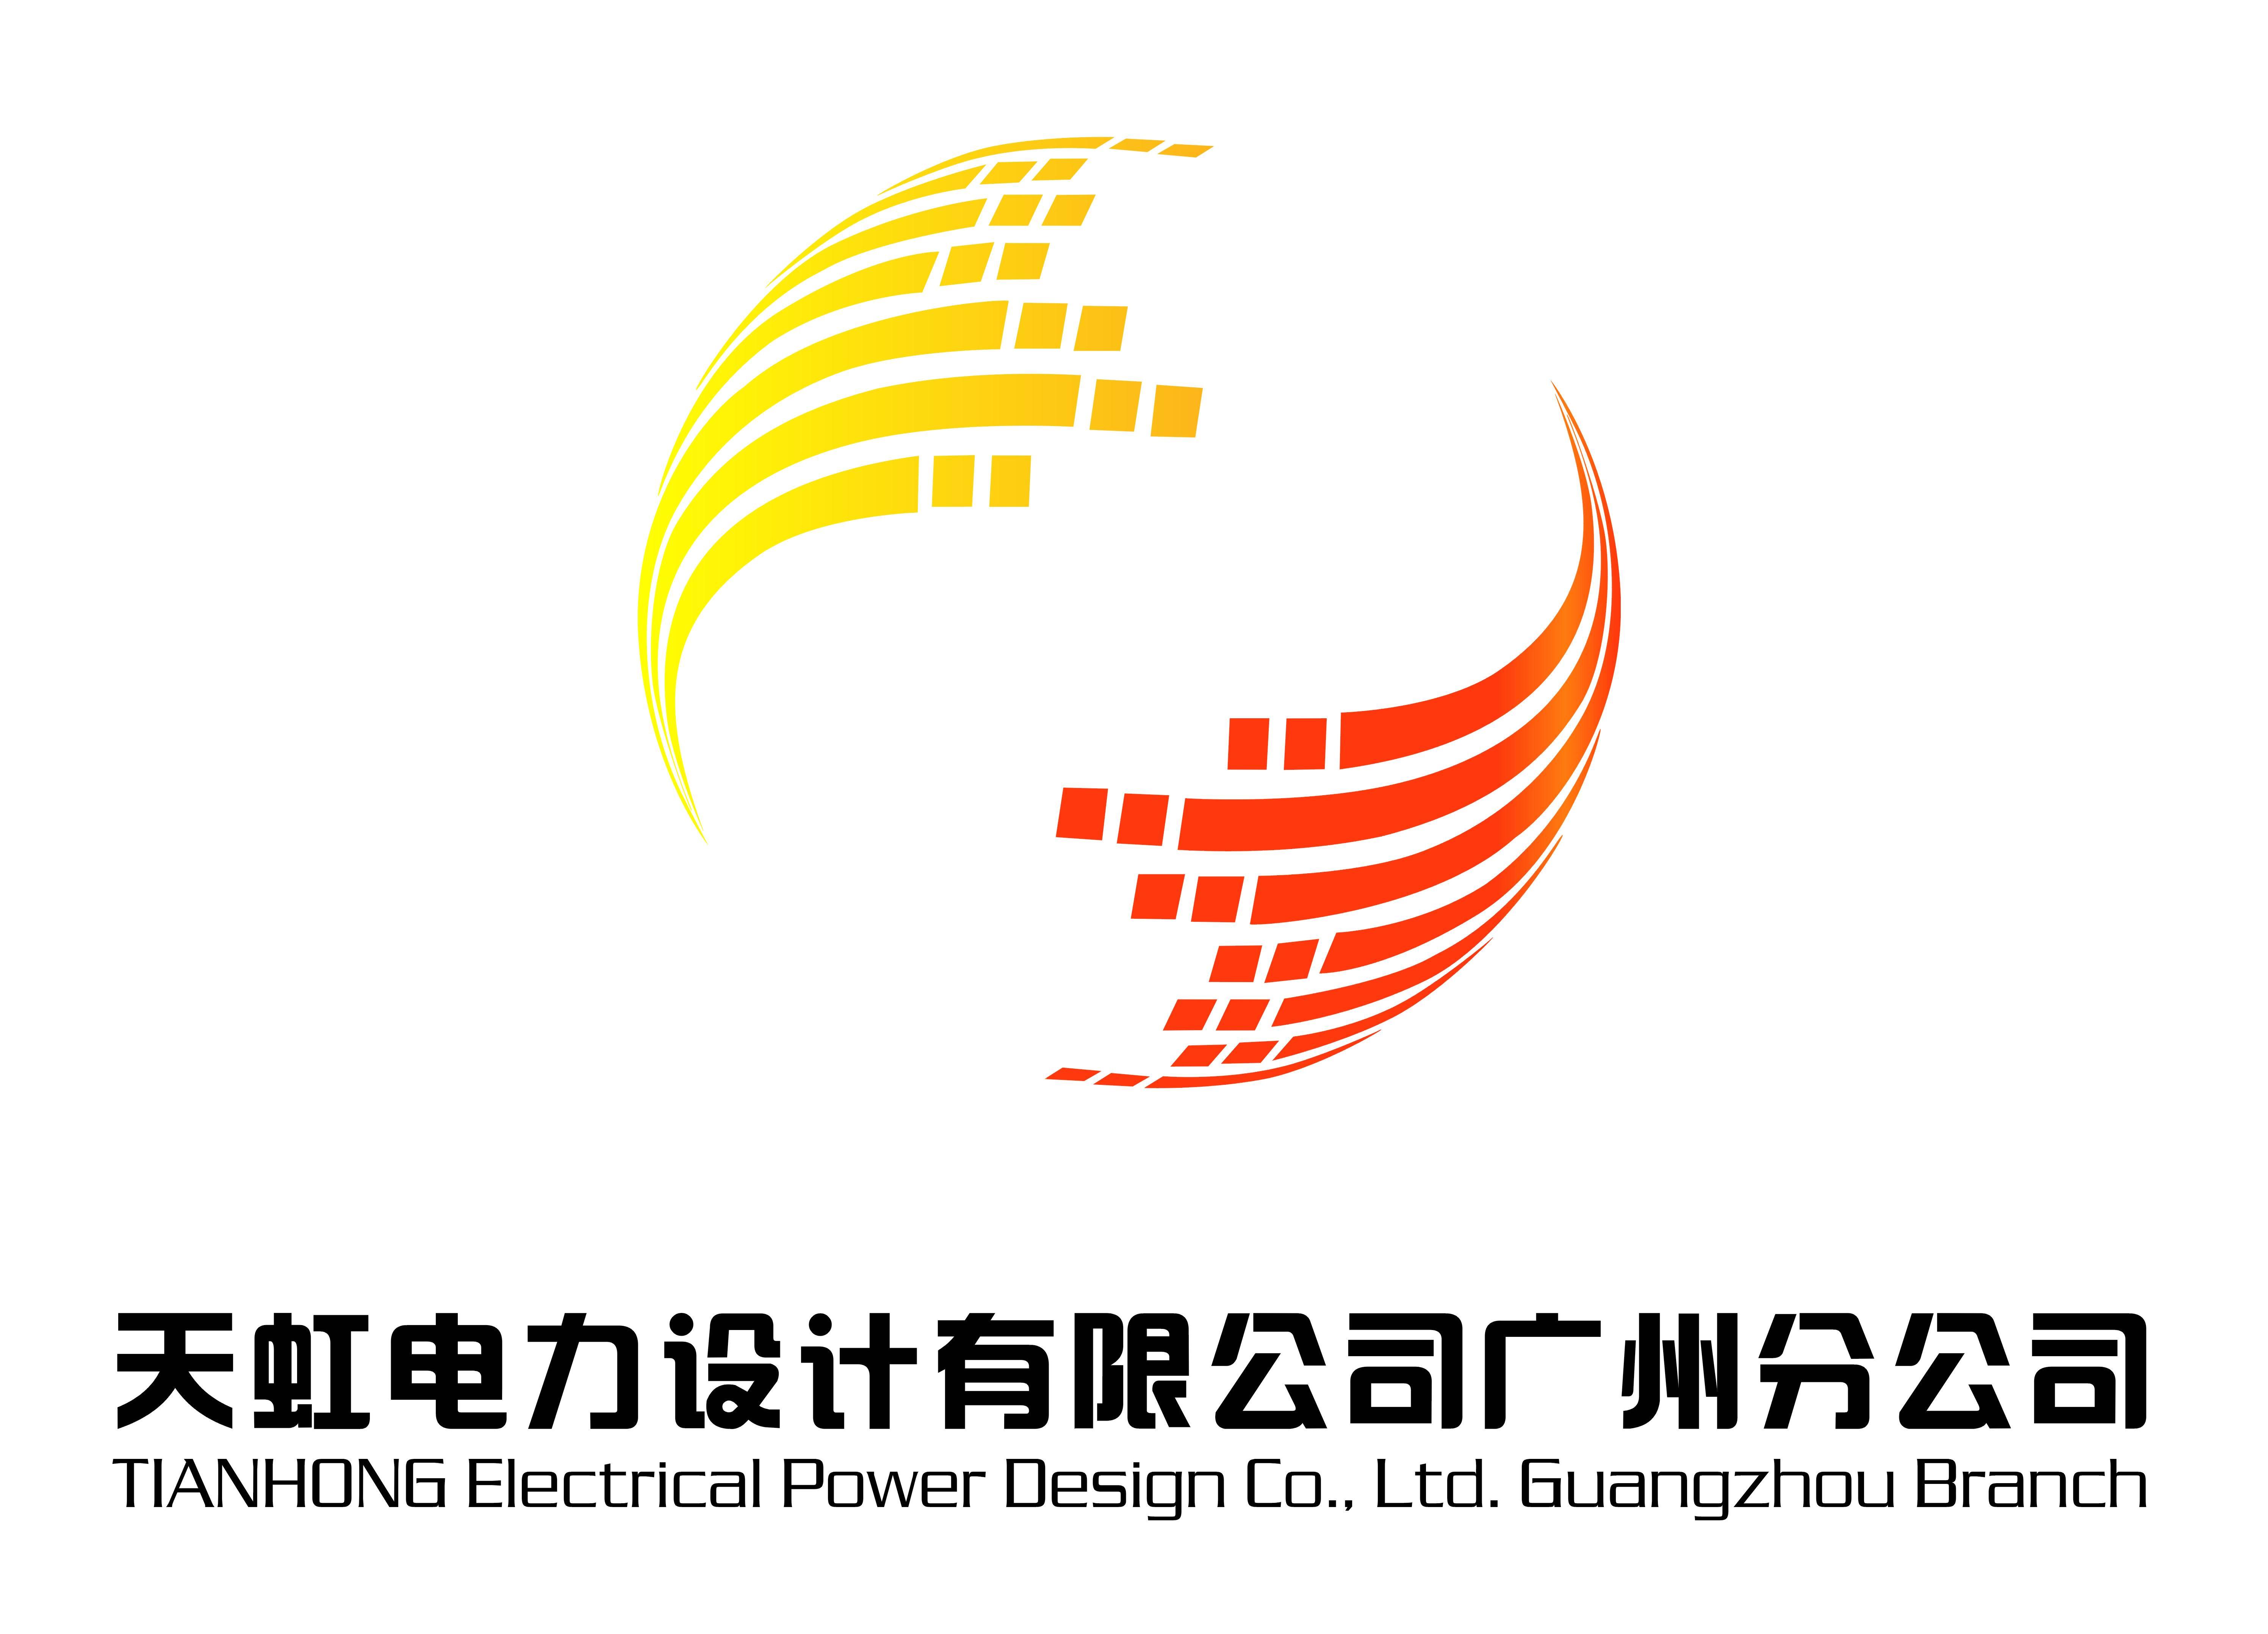 陕西天虹电力设计有限公司广州分公司